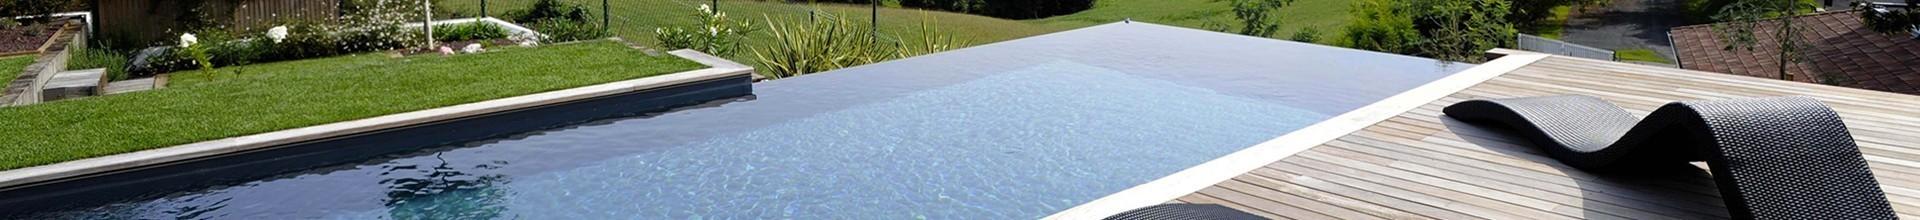 Luxembourg conception conteneur piscine coque sur mesure Remich